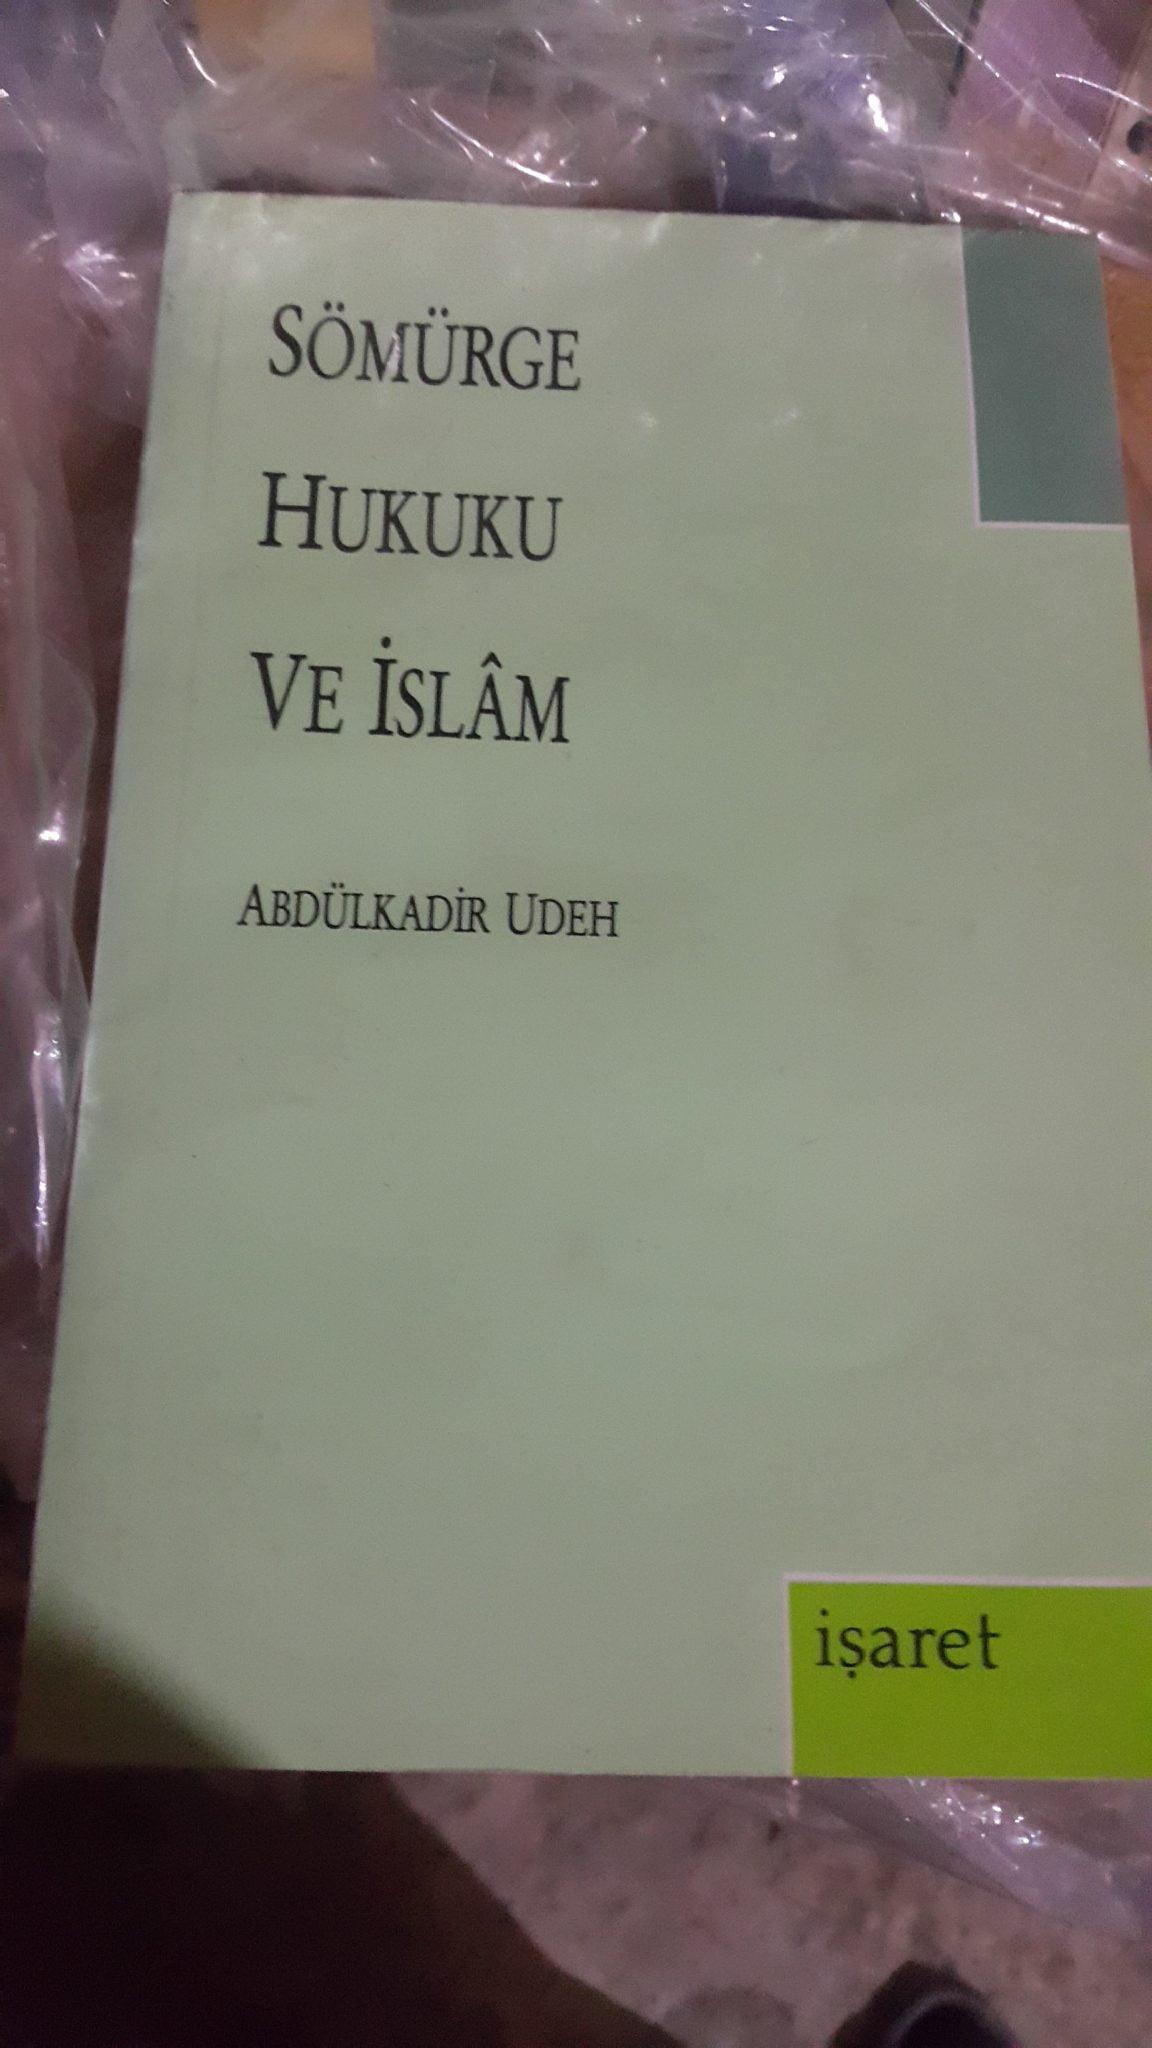 SÖMÜRGE HUKUKU VE İSLAM/Abdülkadir Udeh